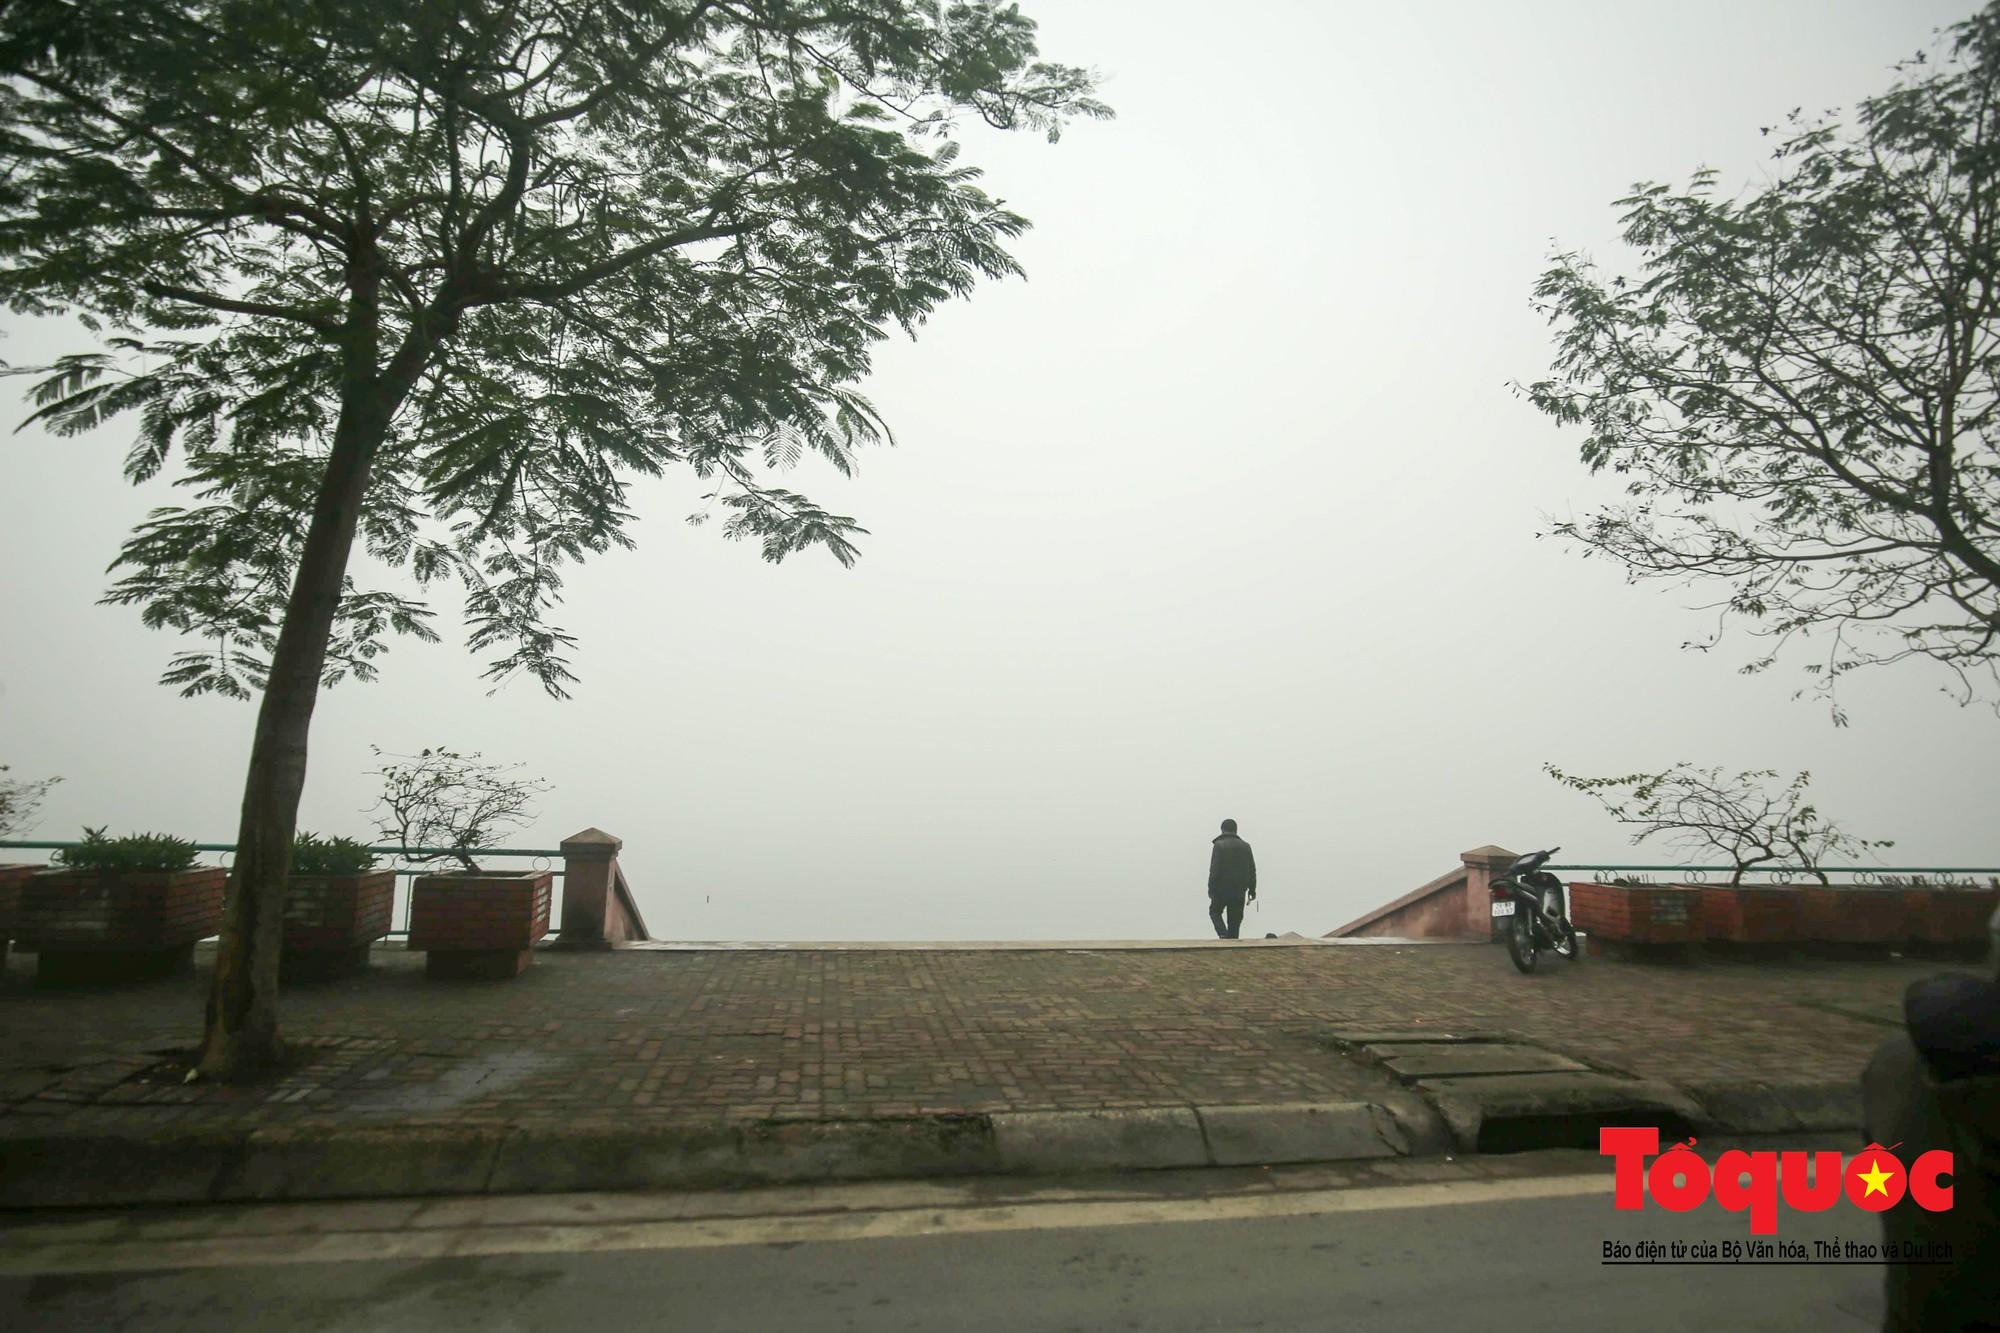 Cao ốc Hà Nội chơi ú tìm trong lớp sương mù dày đặc14